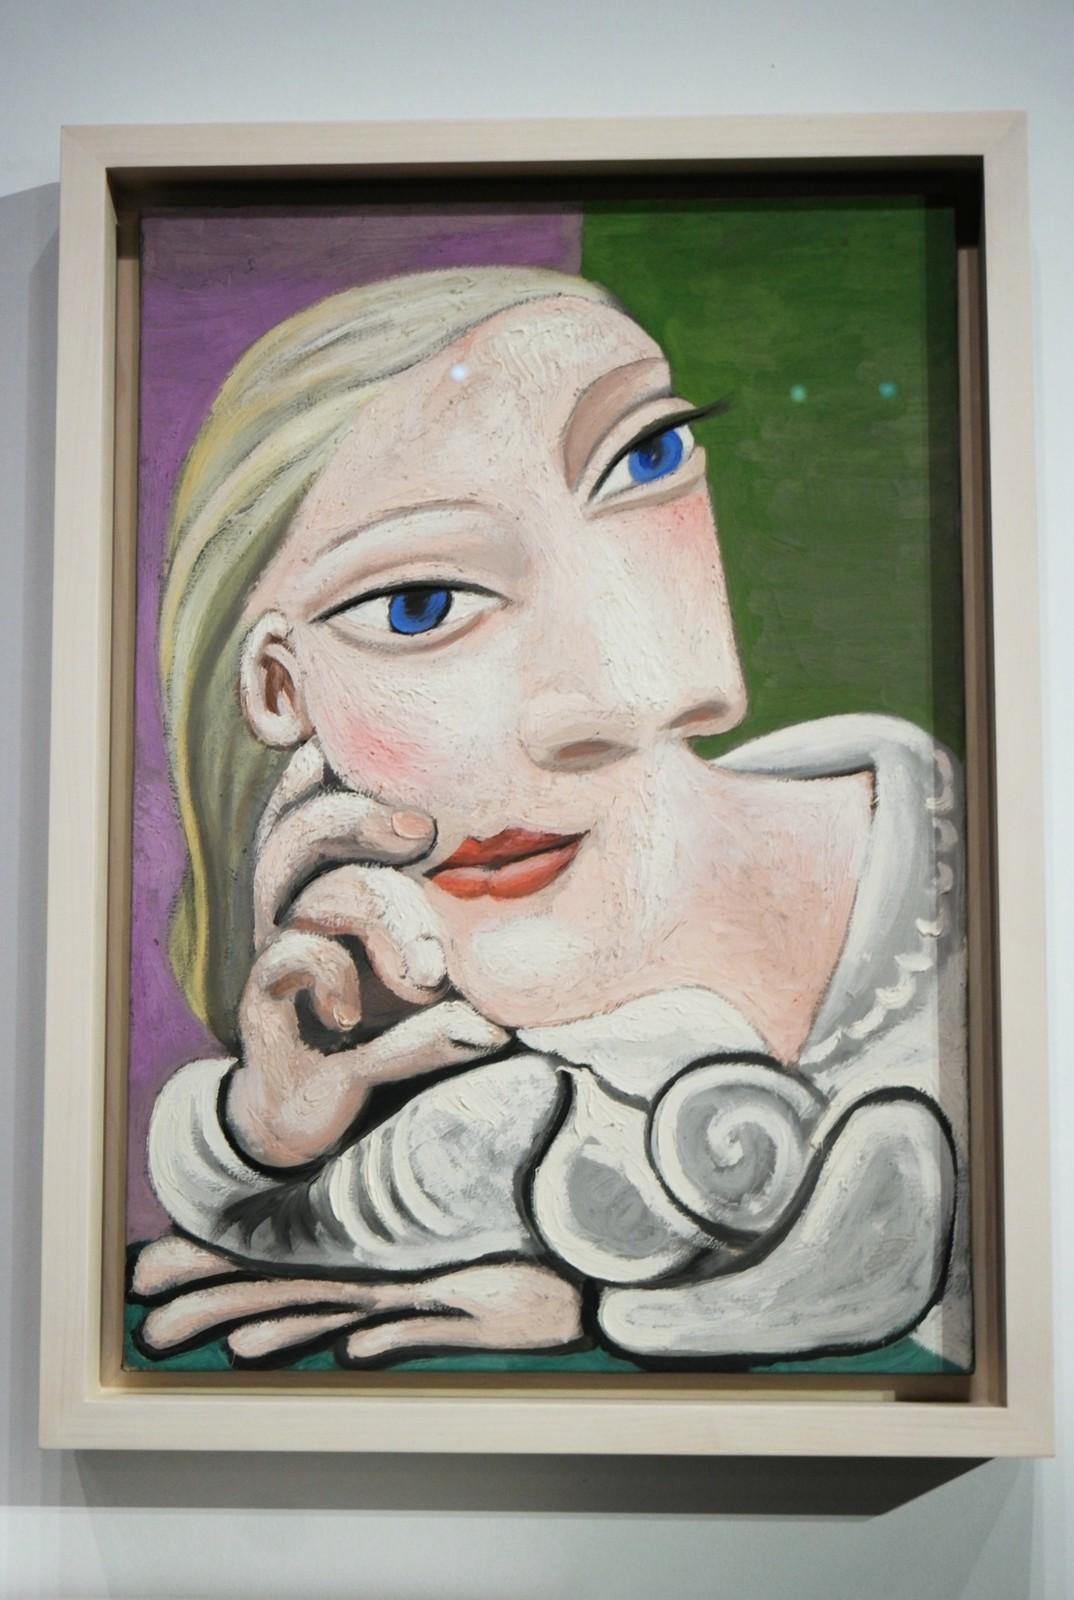 Marie-Thérèse accoudée, 7 janvier 1939, Pablo Picasso